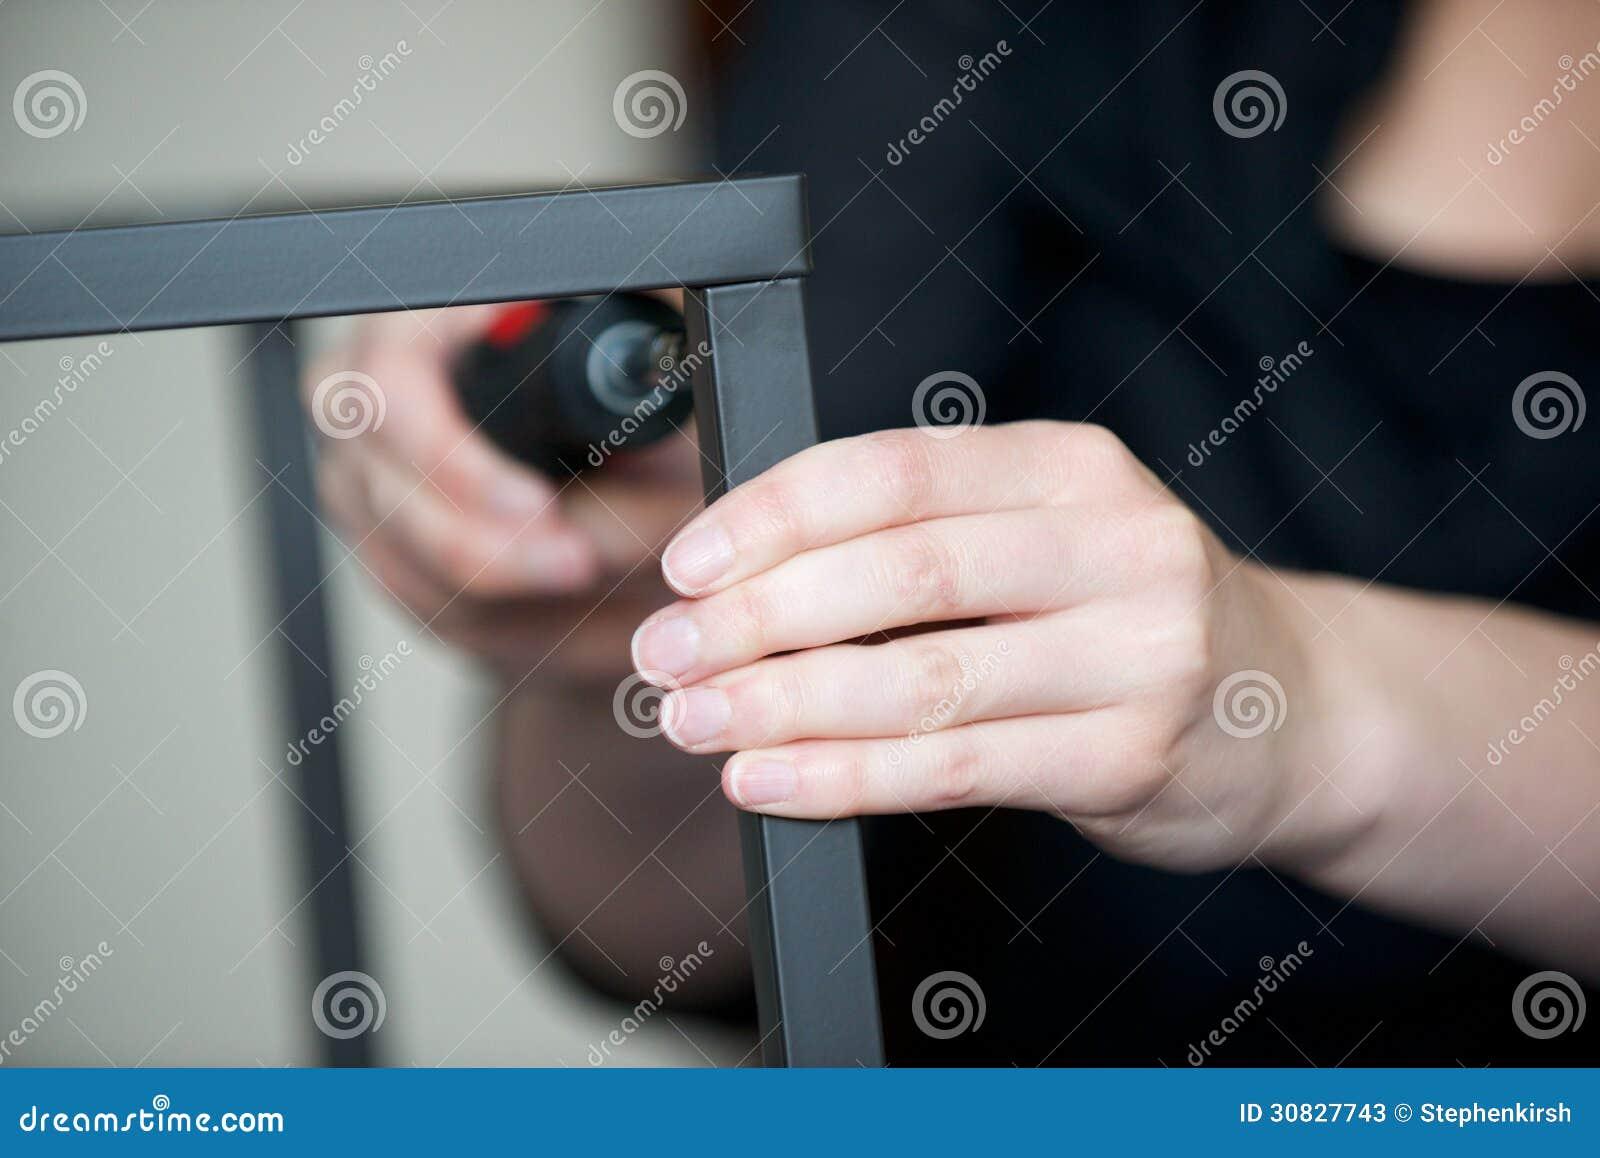 Vite delle mani insieme un pezzo di mobili metallici